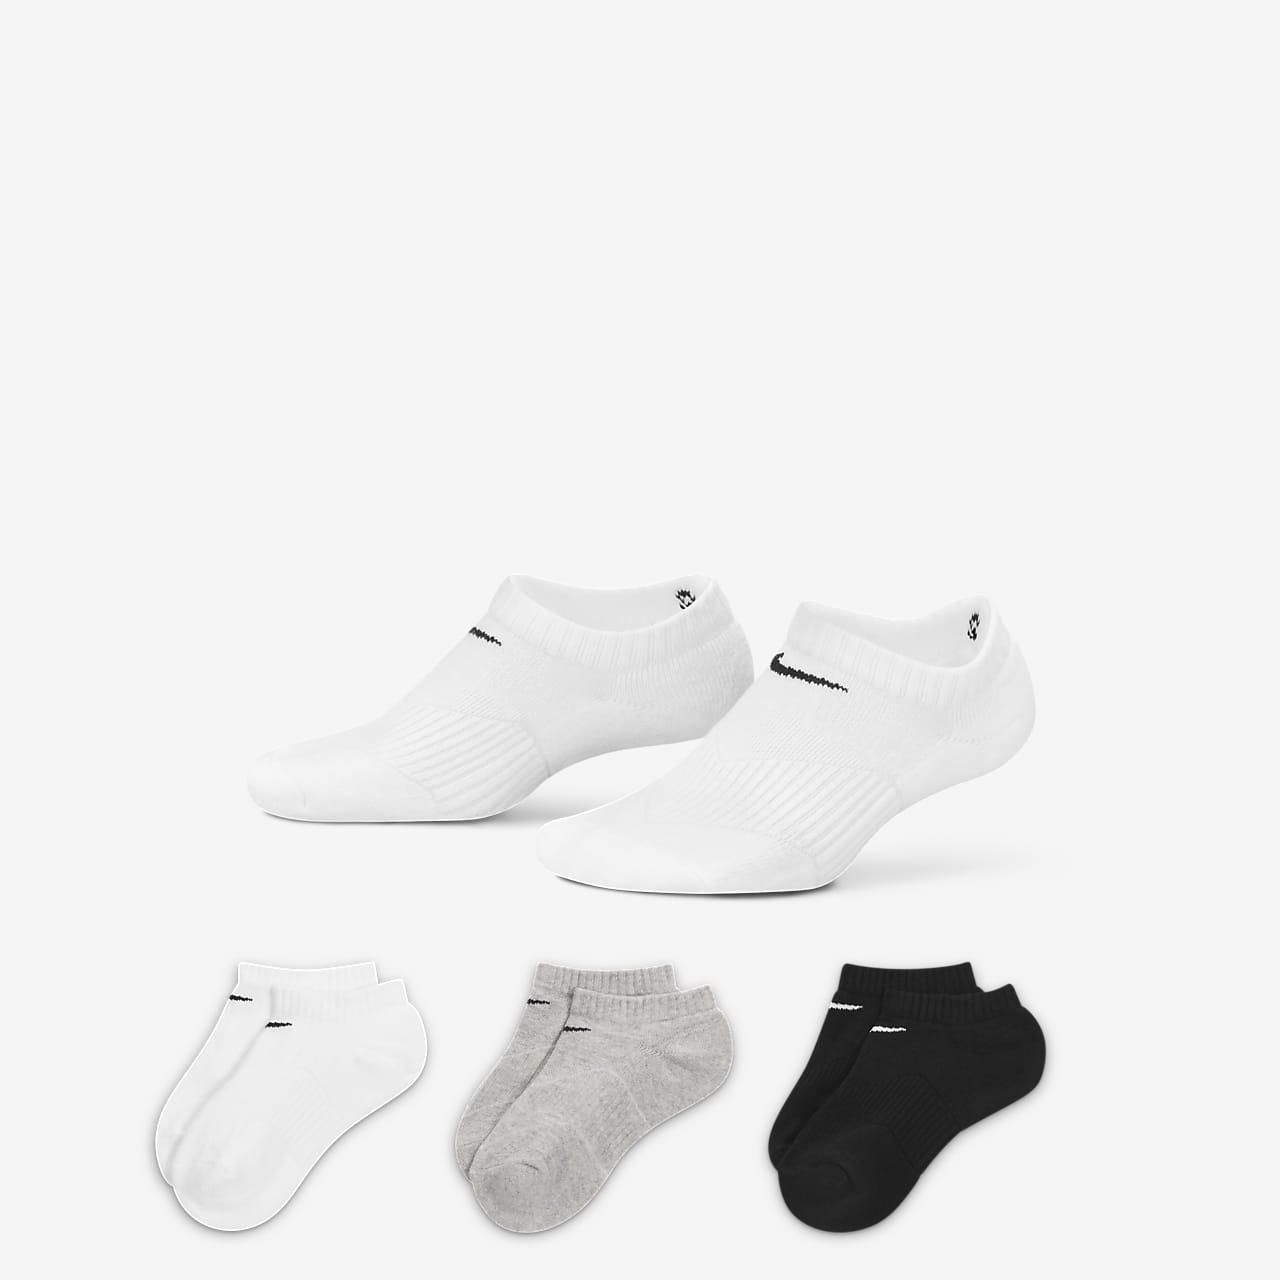 Nike Performance Cushion No-Show Older Kids' Socks (3 Pair)